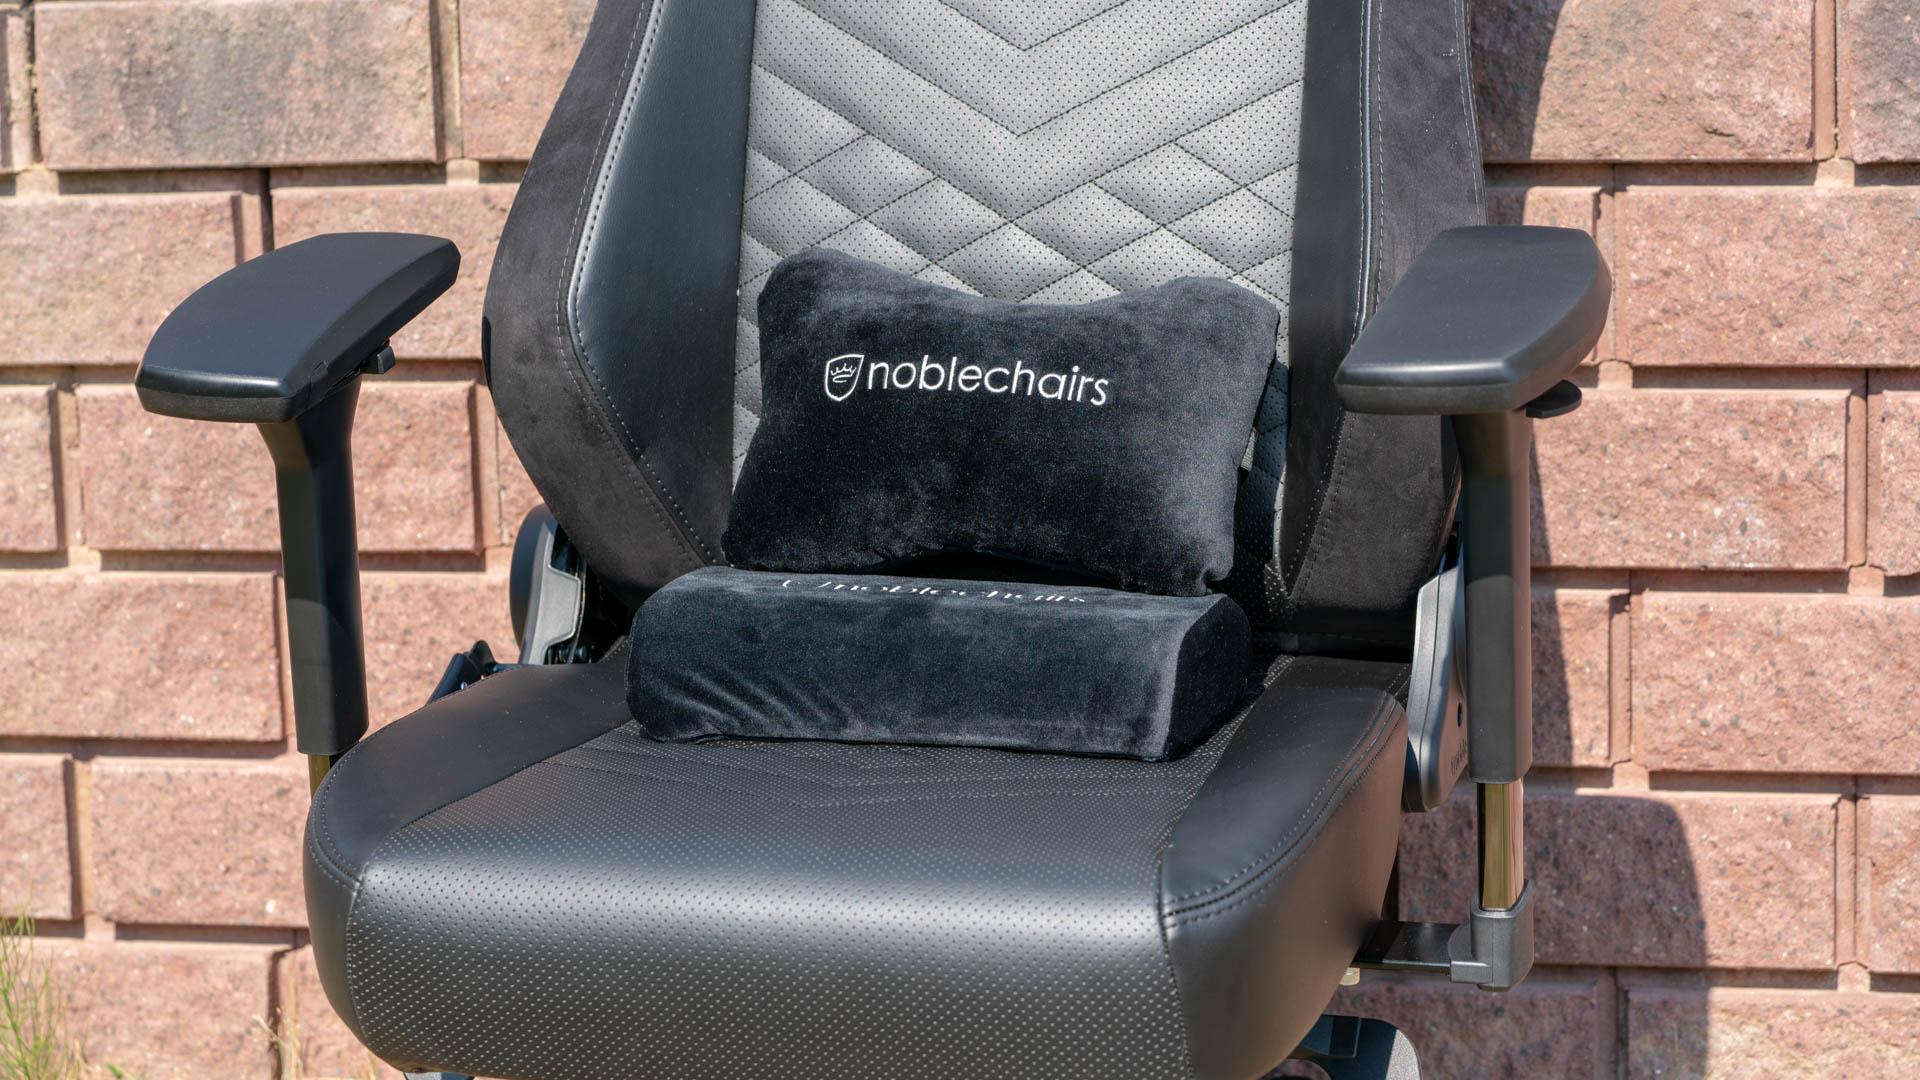 Chair Für Der Im TestBeste Gaming Noblechairs Hero Große fbIY7yv6gm